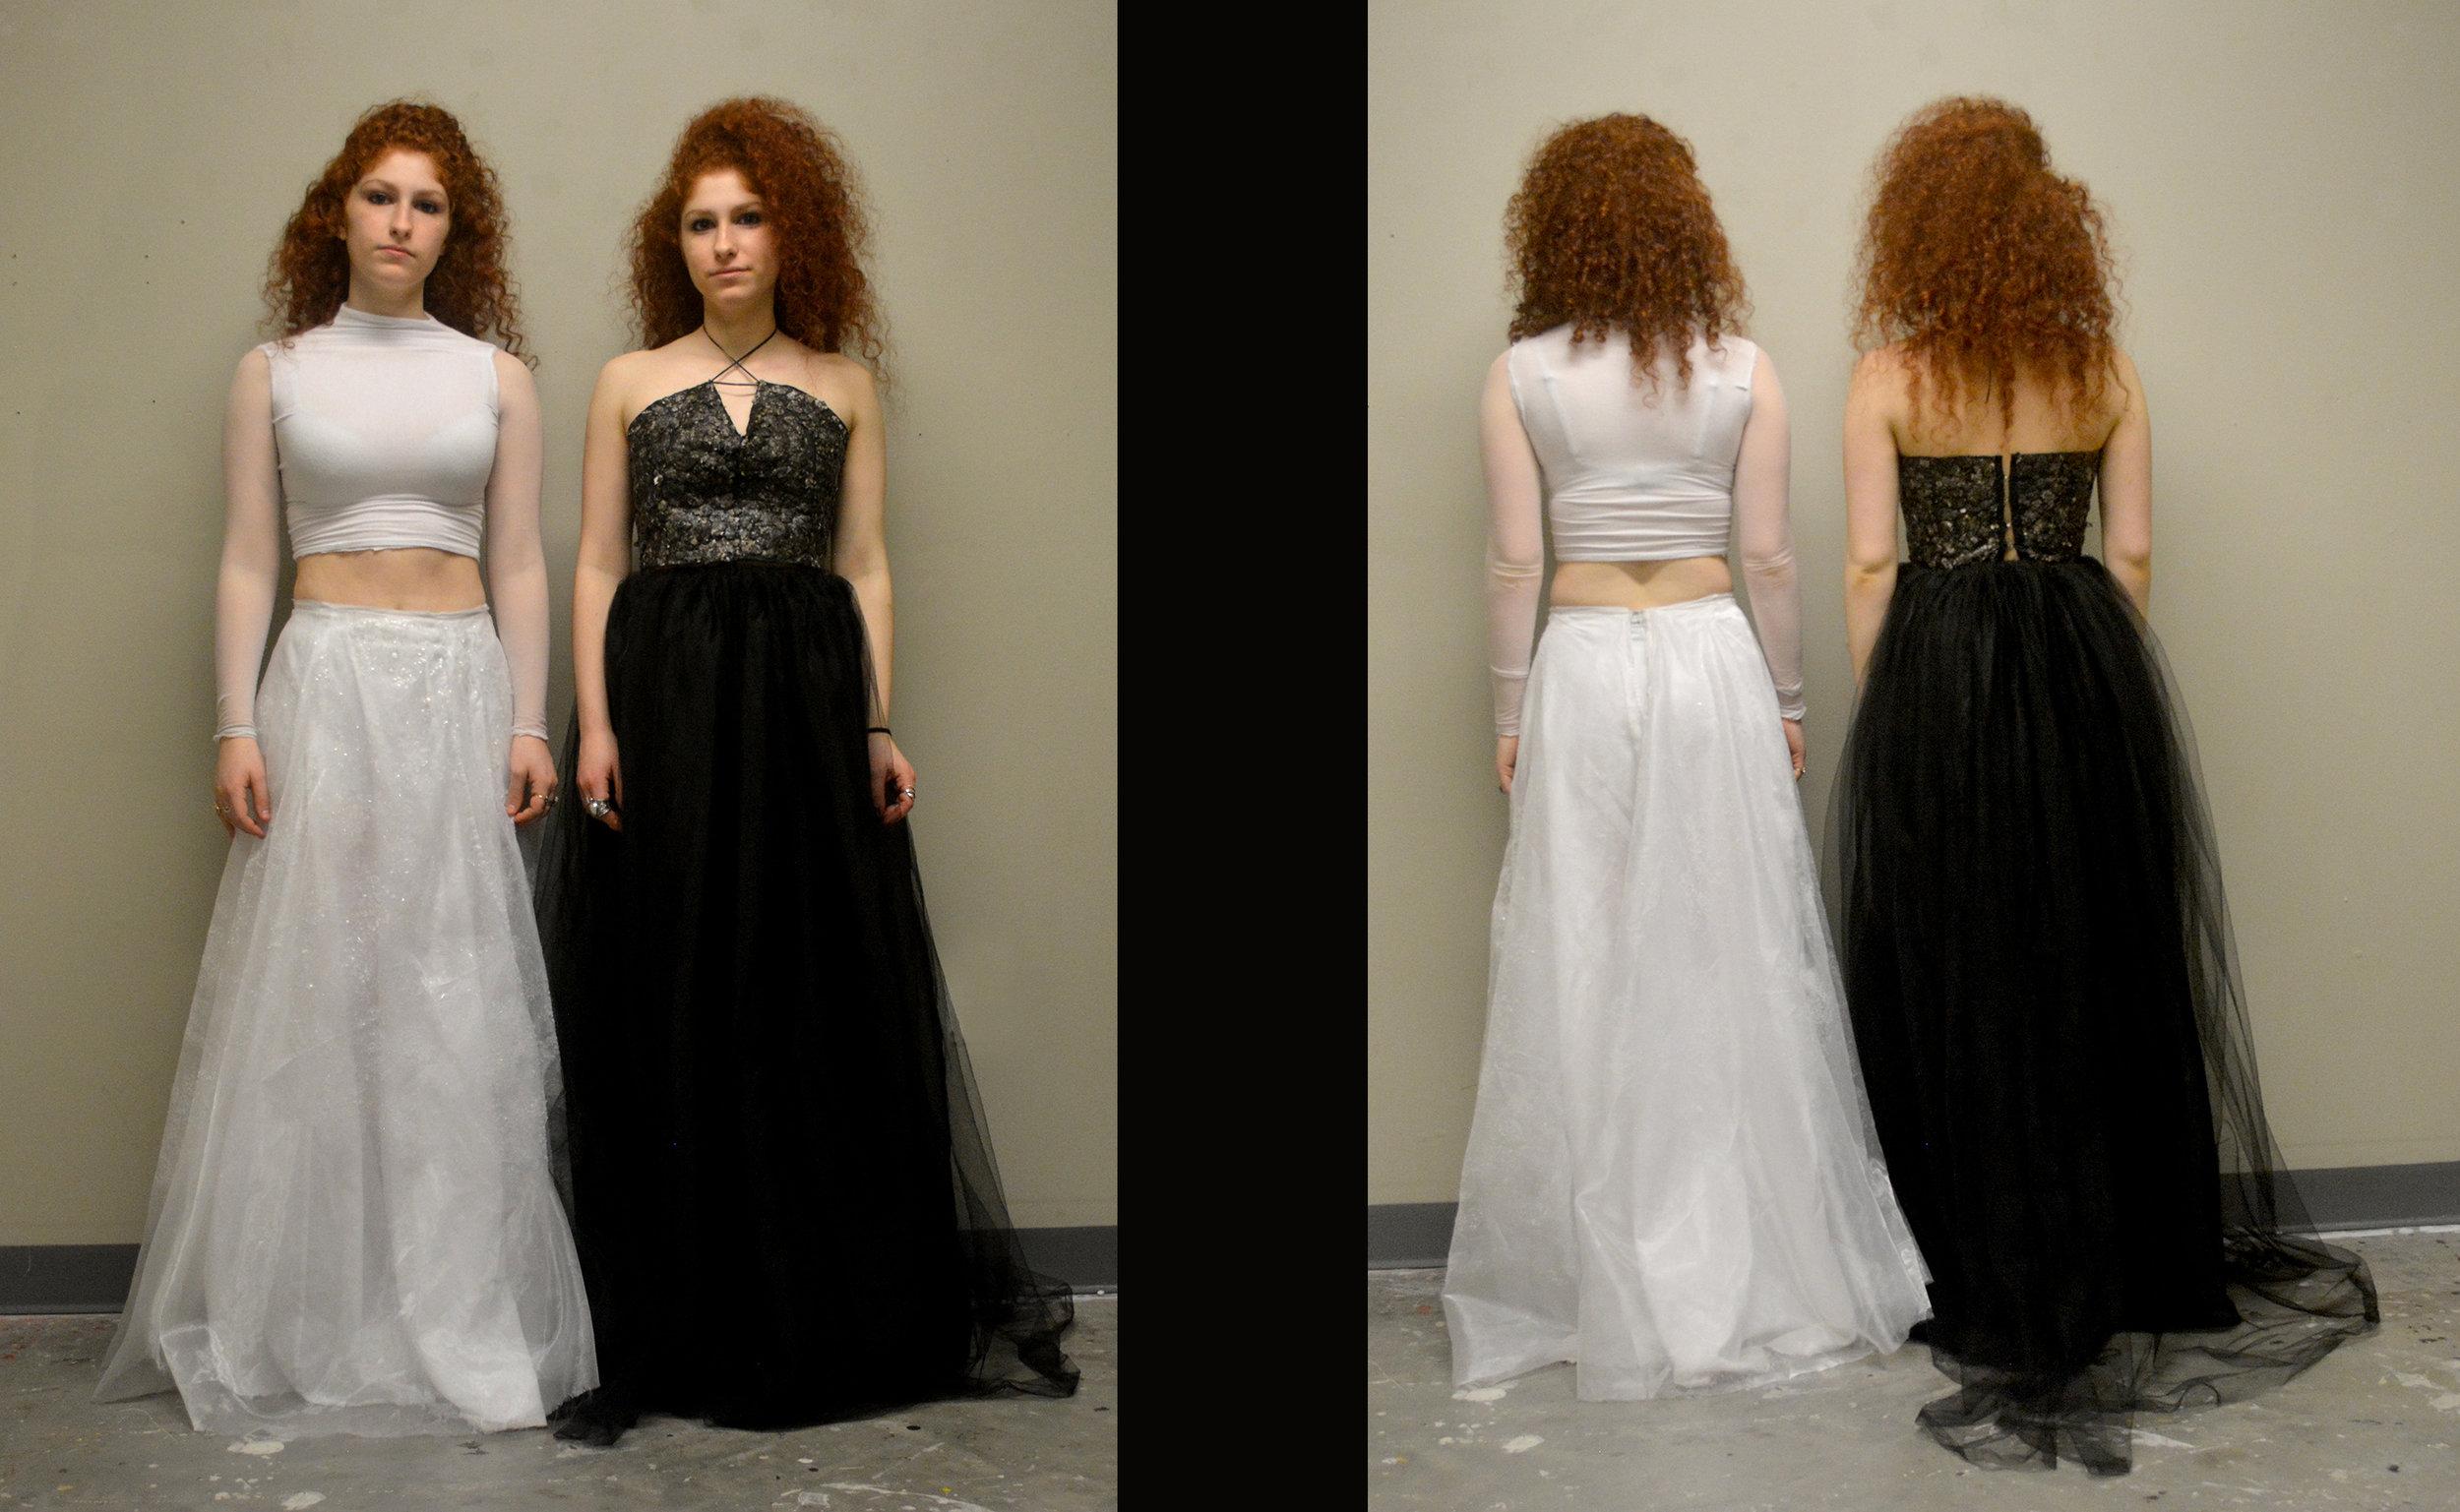 Kahn Sisters-glass and egg dresses.jpg